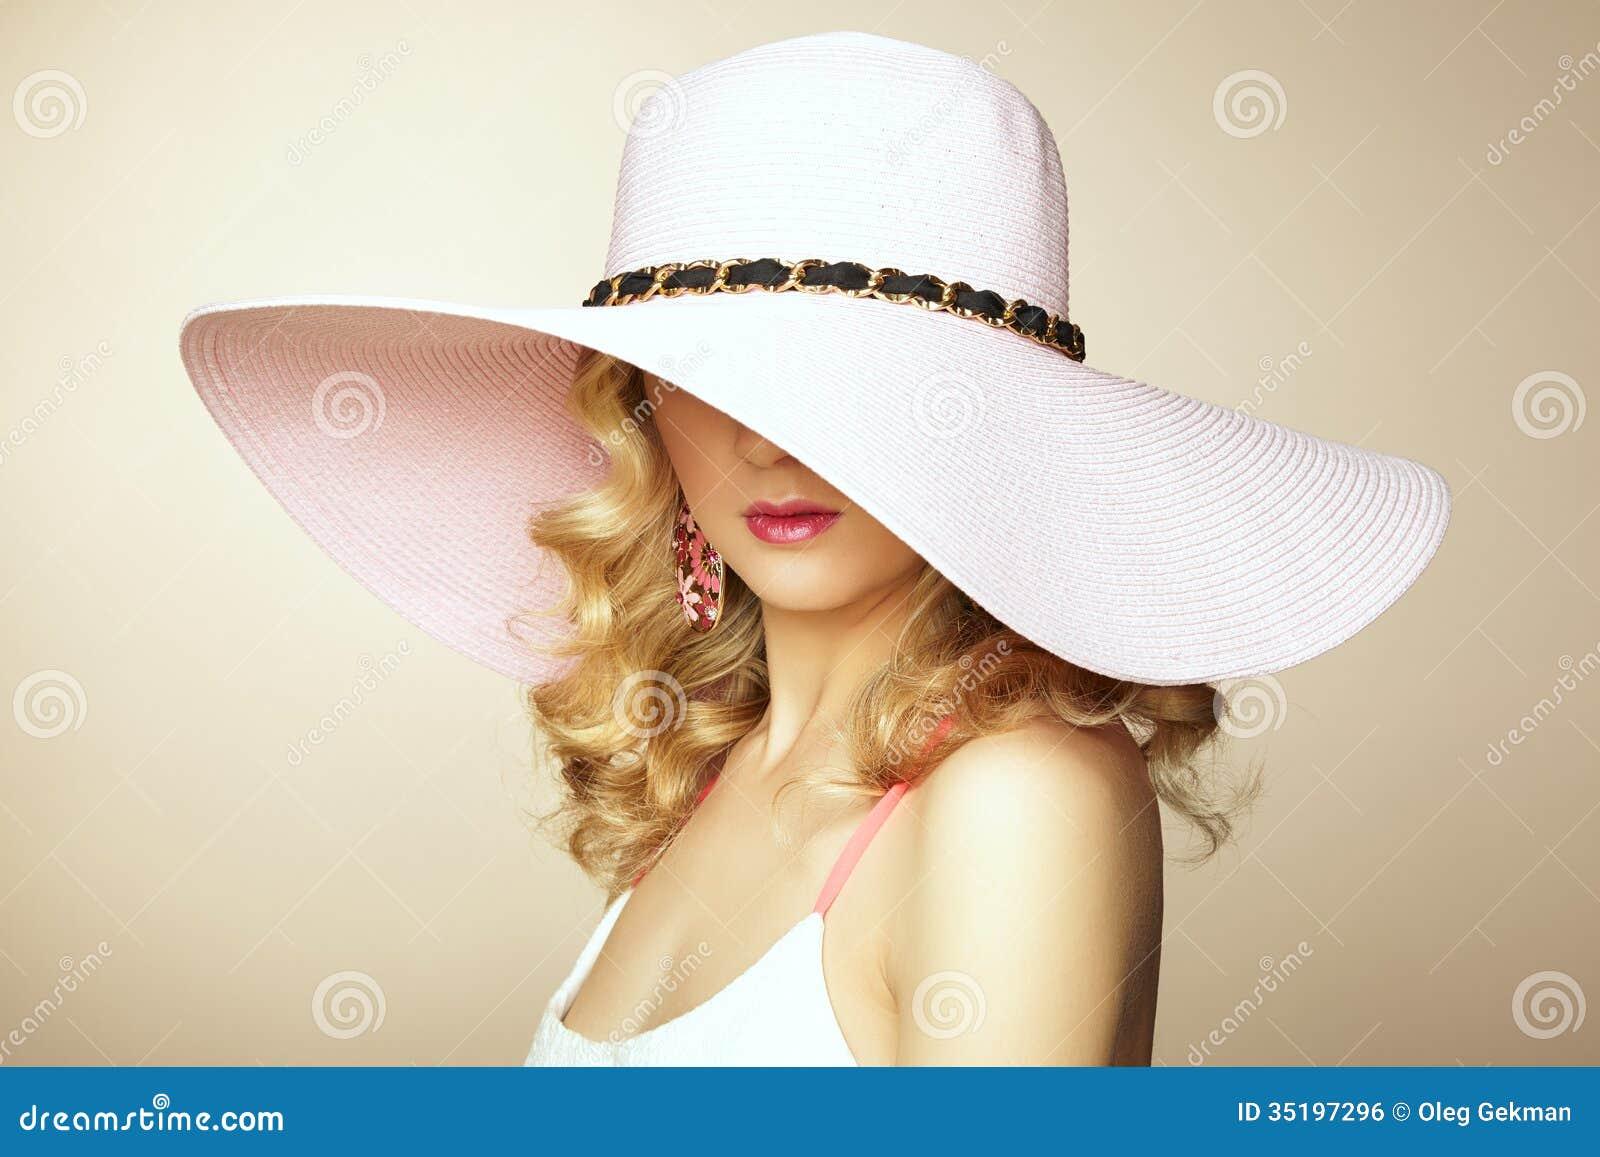 Φωτογραφία μόδας της νέας θαυμάσιας γυναίκας στο καπέλο. Τοποθέτηση κοριτσιών